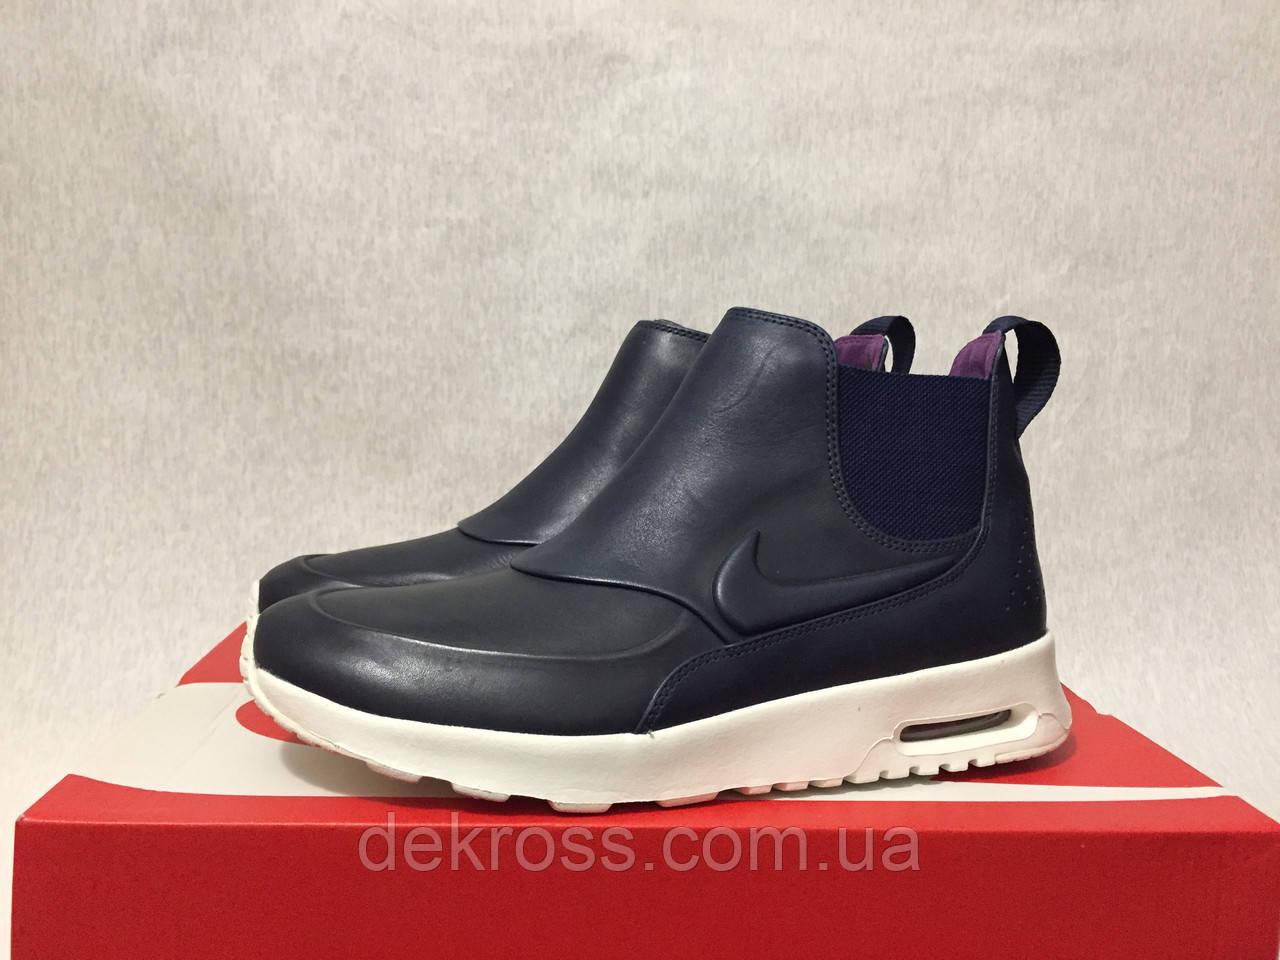 Кросівки Nike Air Max Thea Mid Оригінал 859550-400